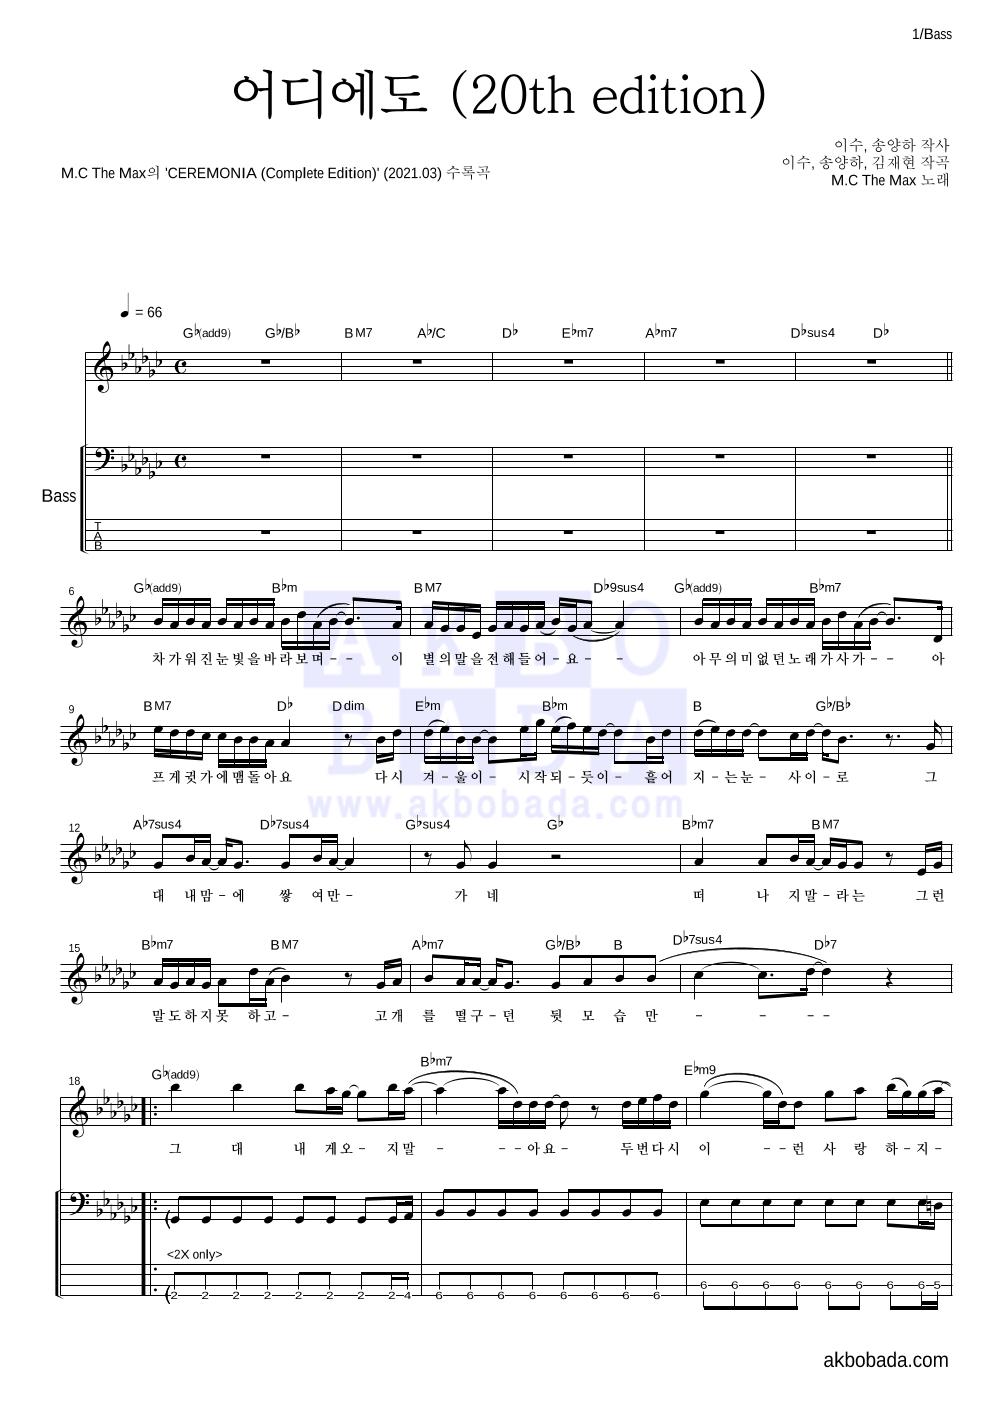 엠씨더맥스 - 어디에도 (20th edition) 베이스 악보